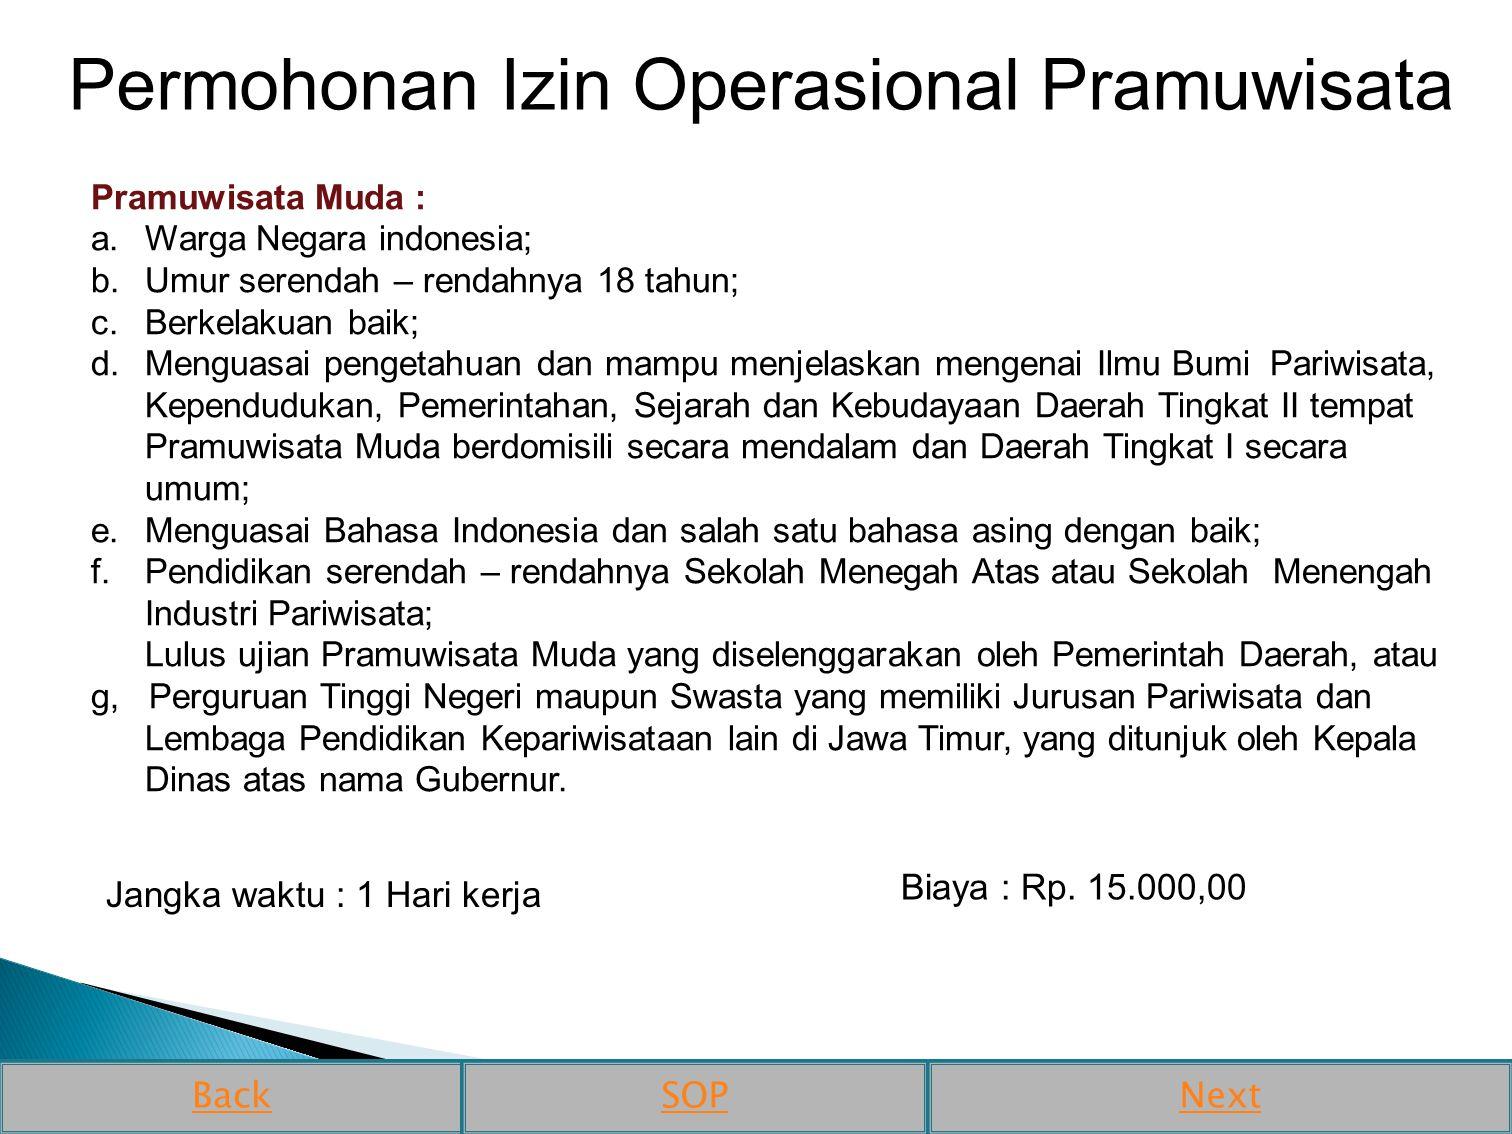 Permohonan Izin Operasional Pramuwisata